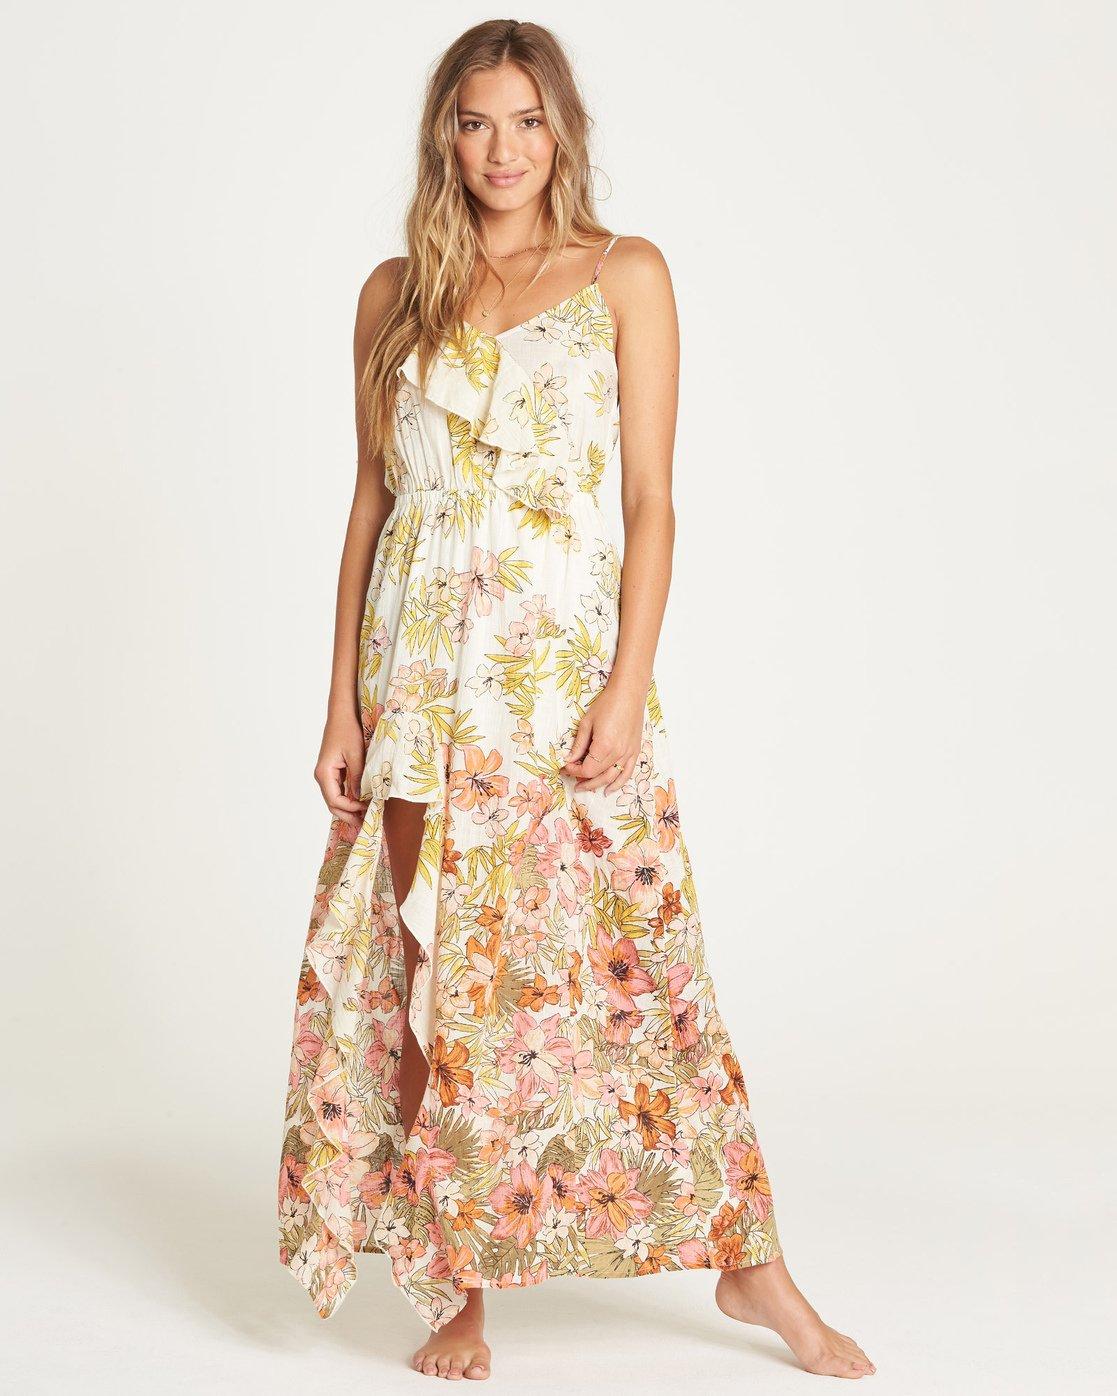 Ladies Dress Top Summer Maxi New Summer Womens SIze Sleeve Billabong Beach